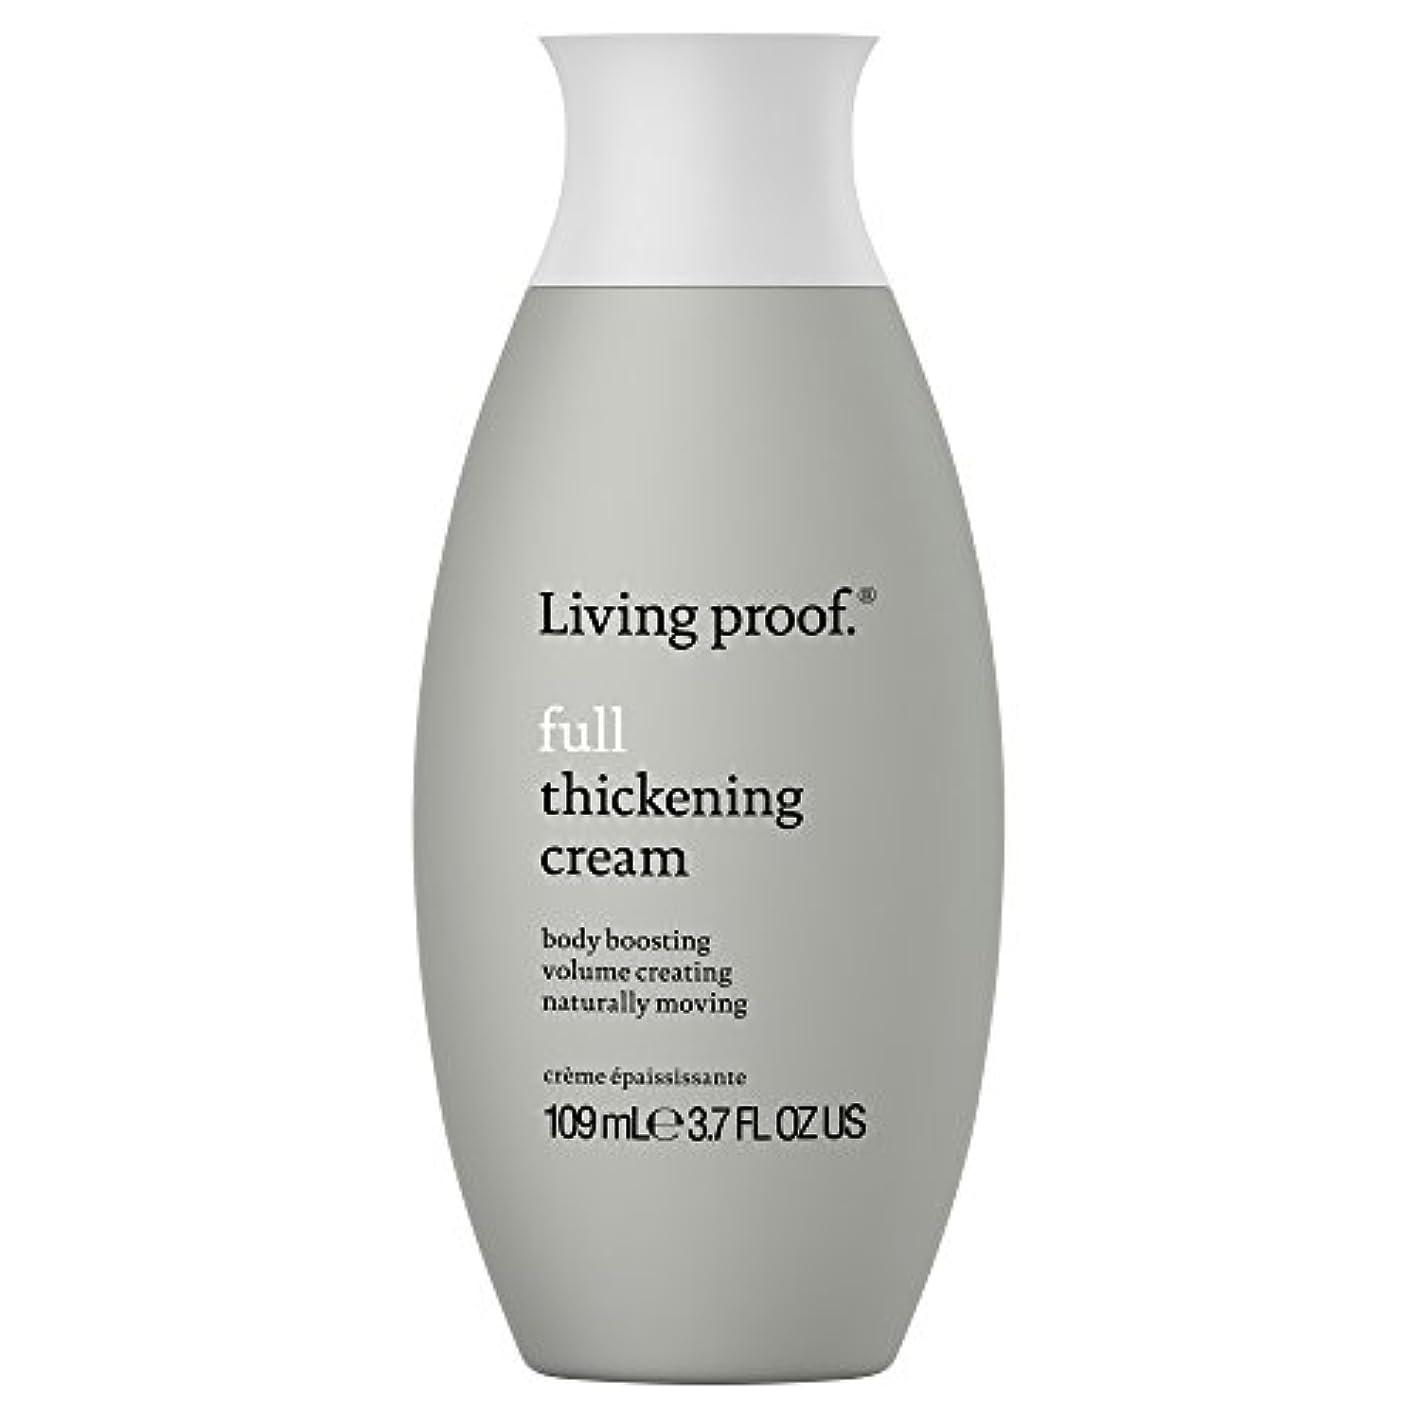 カロリー過去どきどき生きている証拠フル肥厚クリーム109ミリリットル (Living Proof) - Living Proof Full Thickening Cream 109ml [並行輸入品]